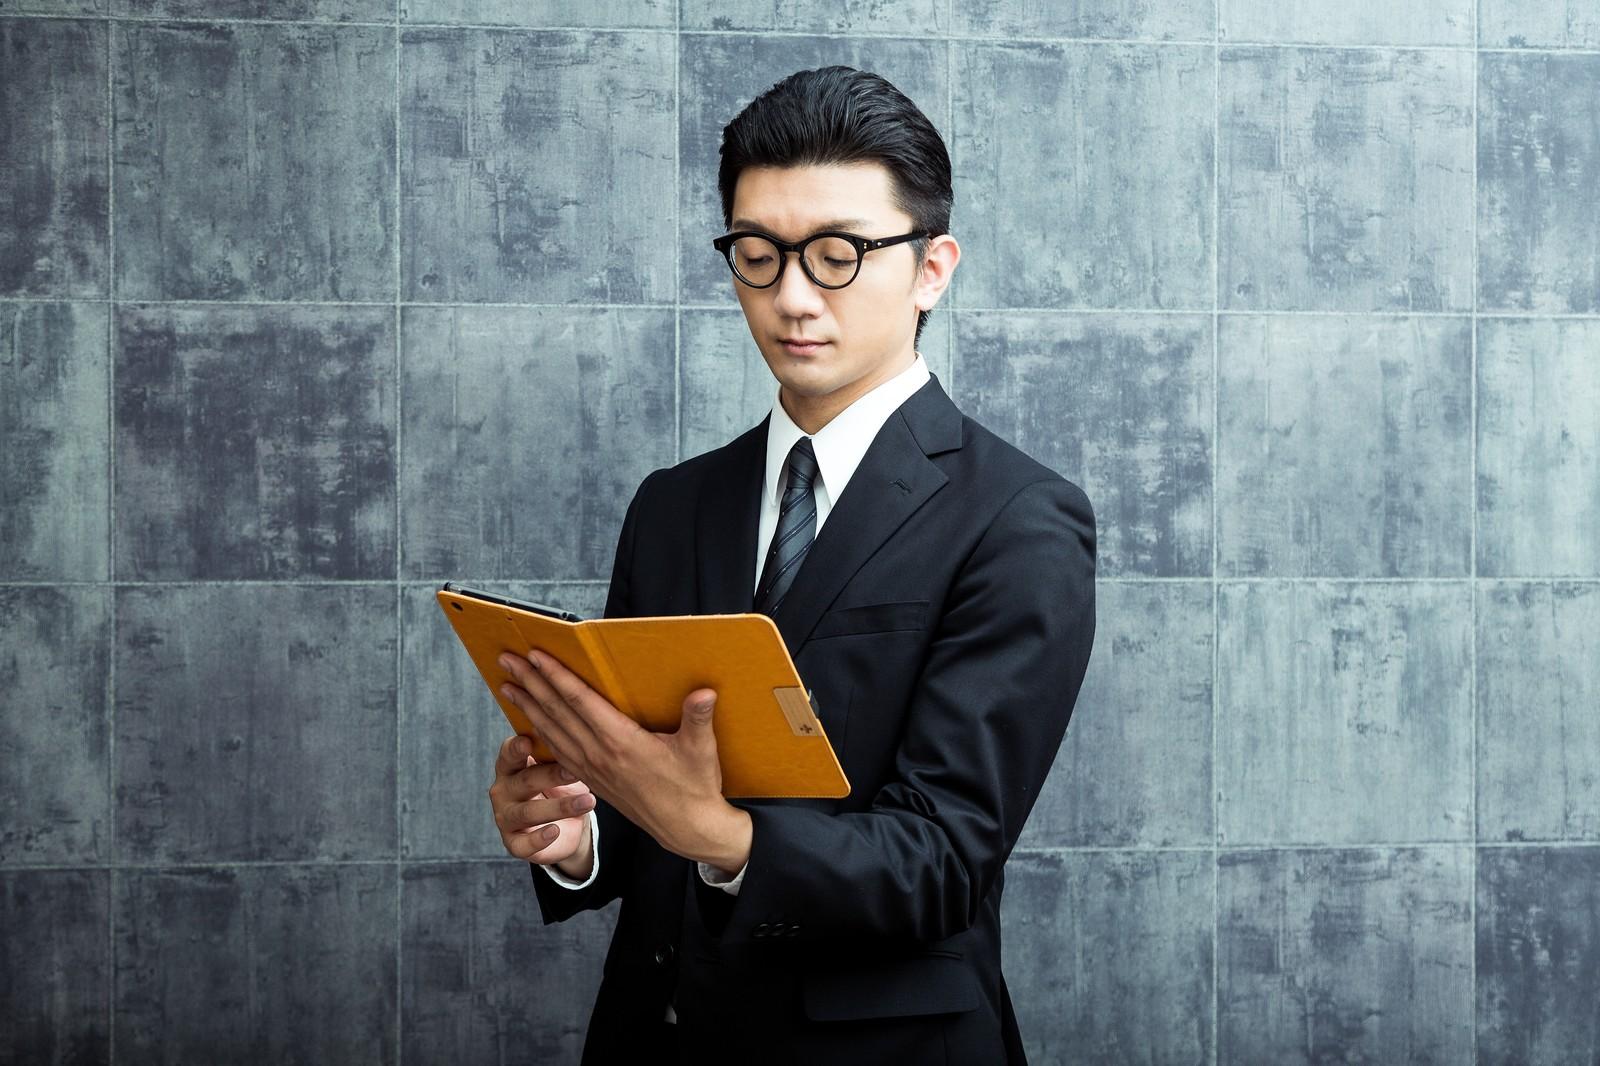 社労士試験の直前期はどんな勉強をすればイイ?最強の勉強法はコレだ